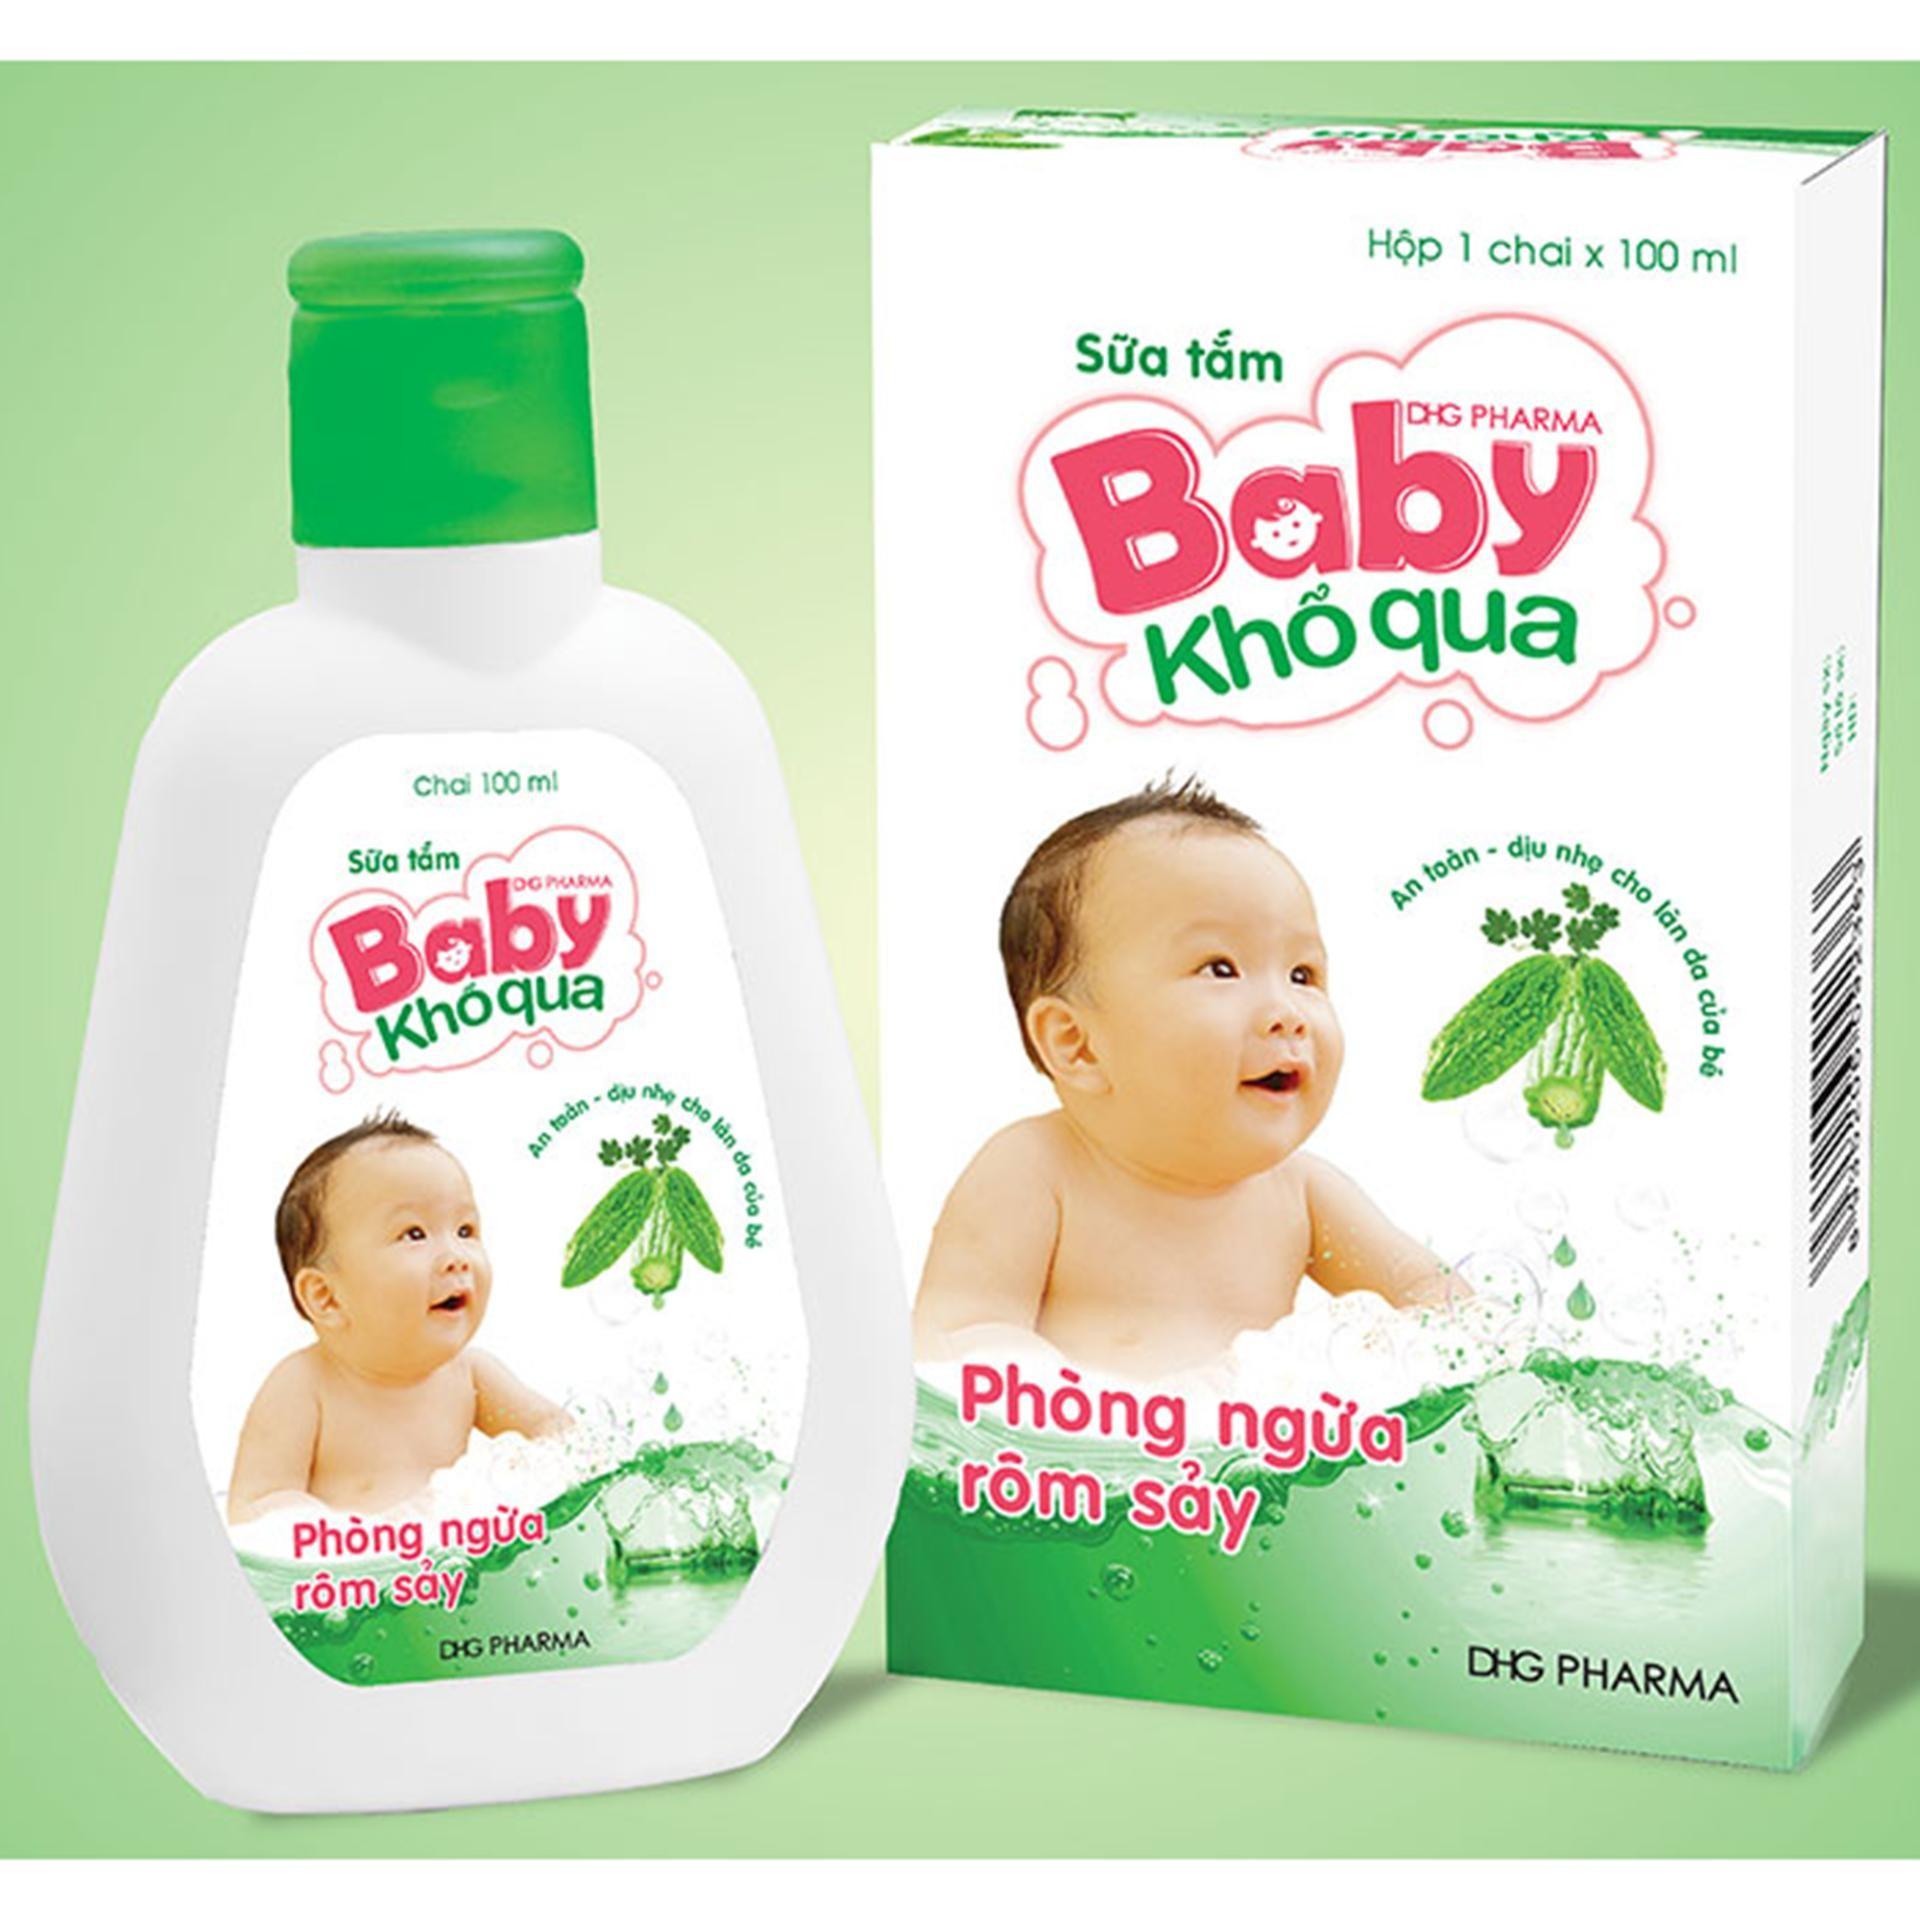 Sữa tắm baby khổ qua